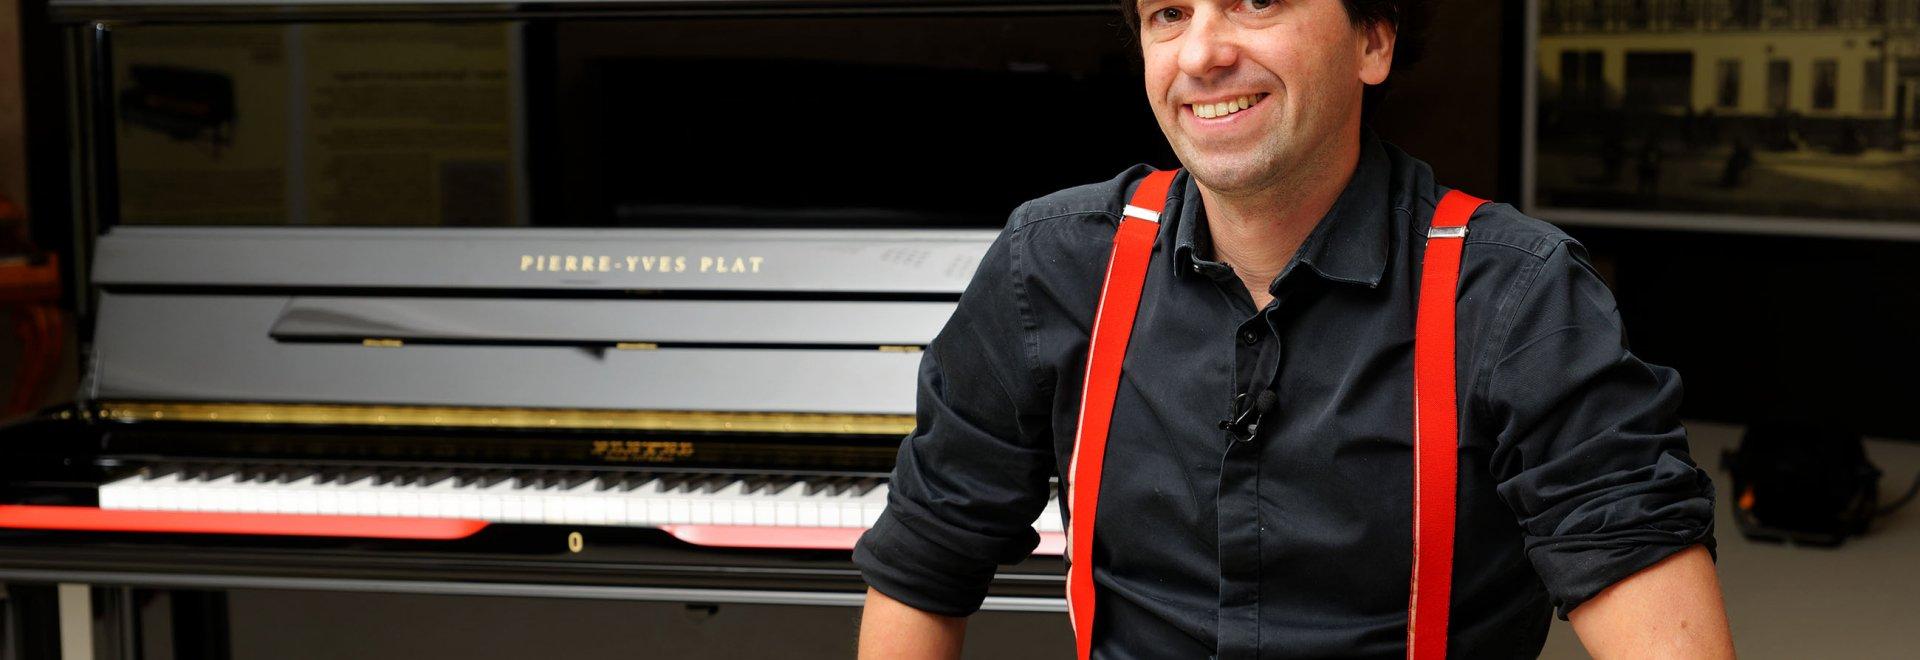 Pierre-Yves Plat découvre son P131